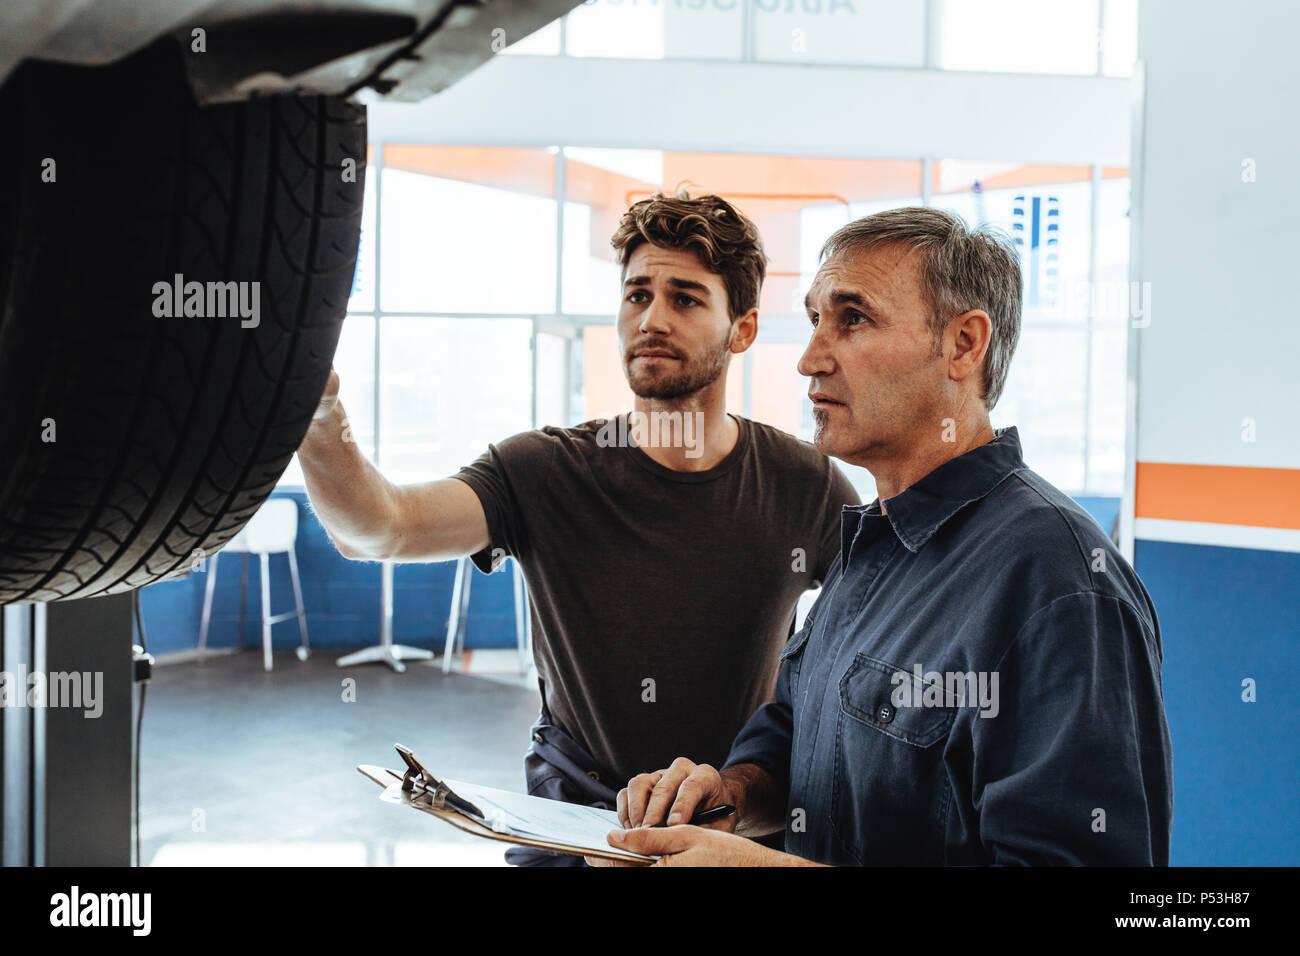 Il meccanico che mostra la ruota di auto al collega rendendo note in Appunti. Auto professionisti del servizio esaminando la vettura e rendendo note. Immagini Stock